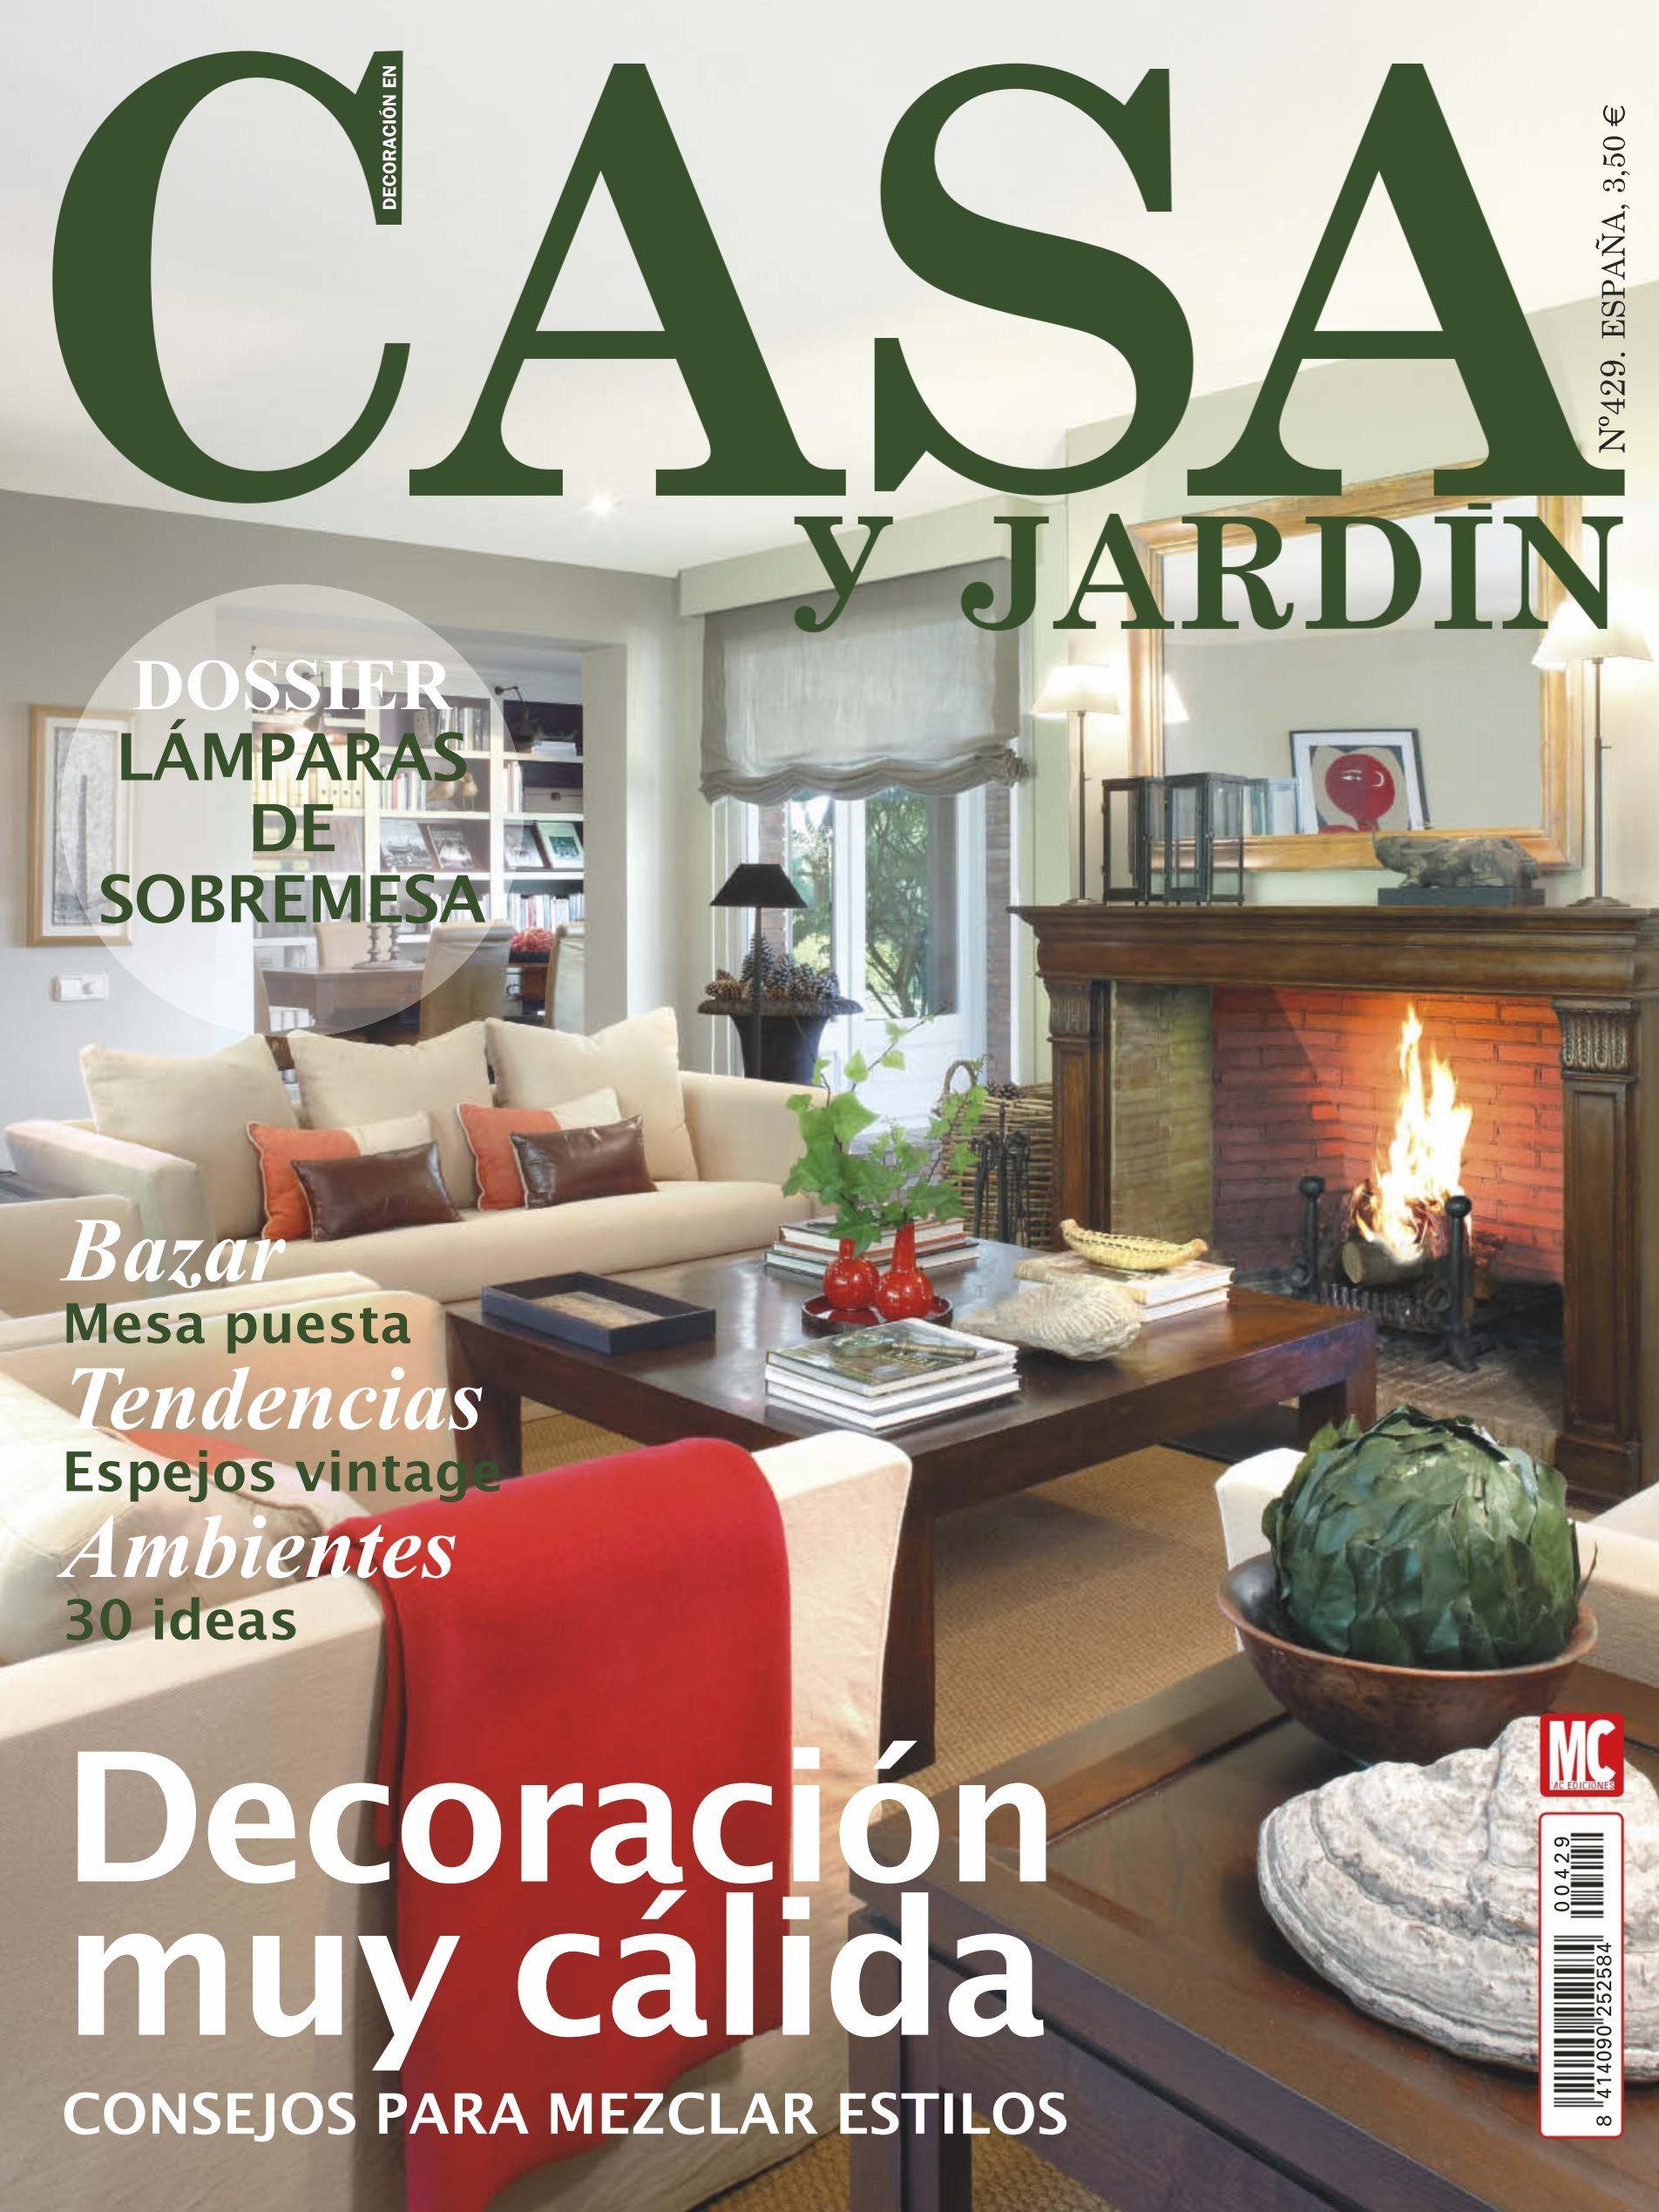 Revista Casa Y Jardin 429 Decoracion Muy Calida Mezclar